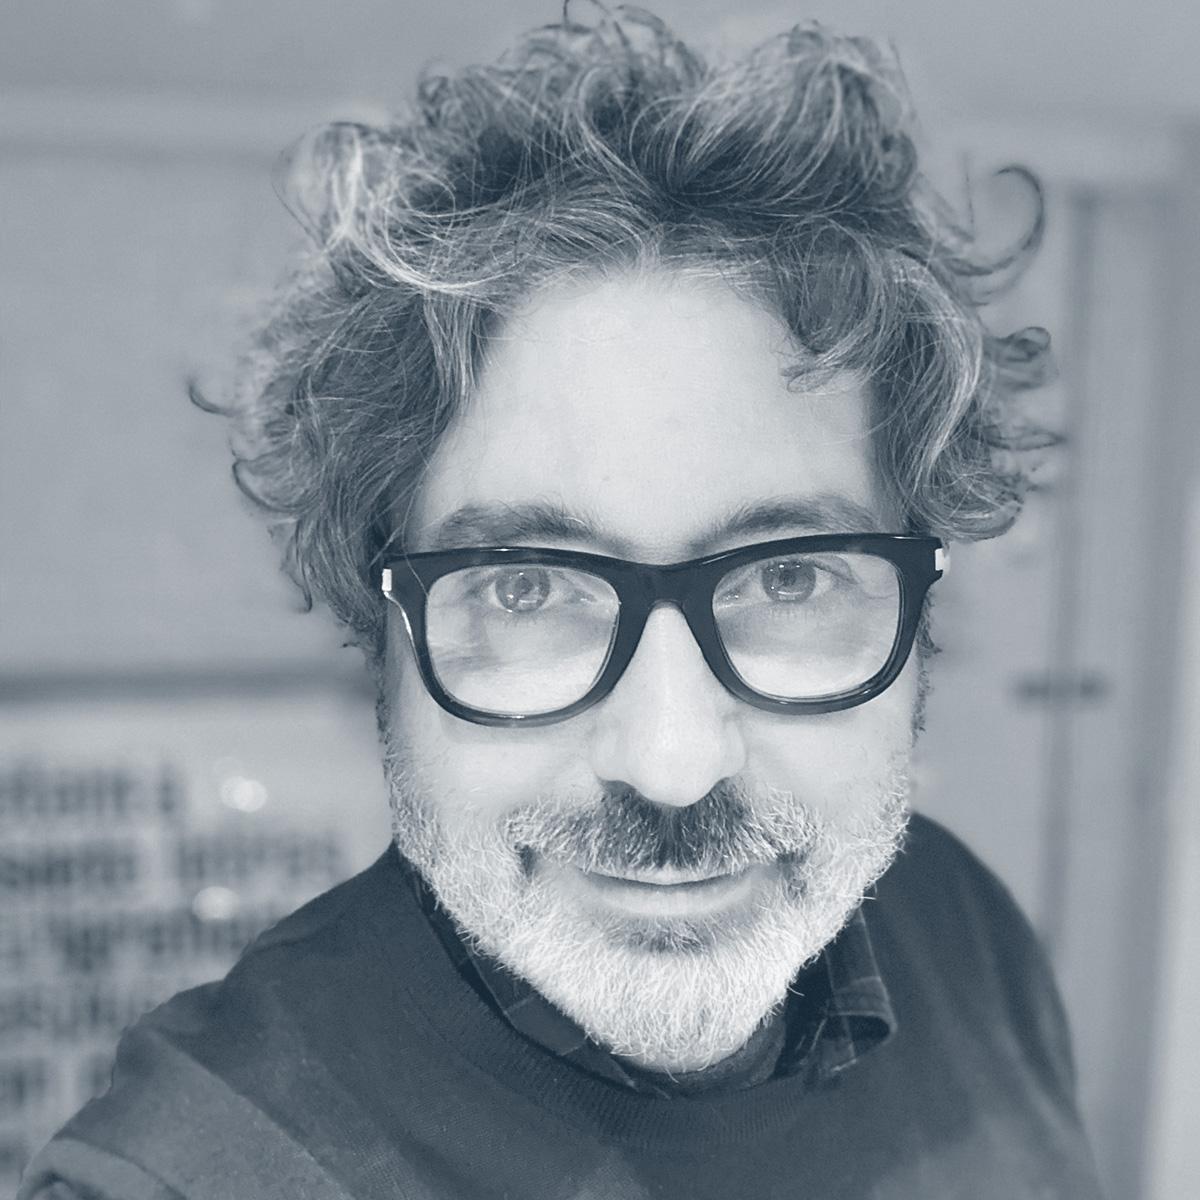 Diego Feijoo